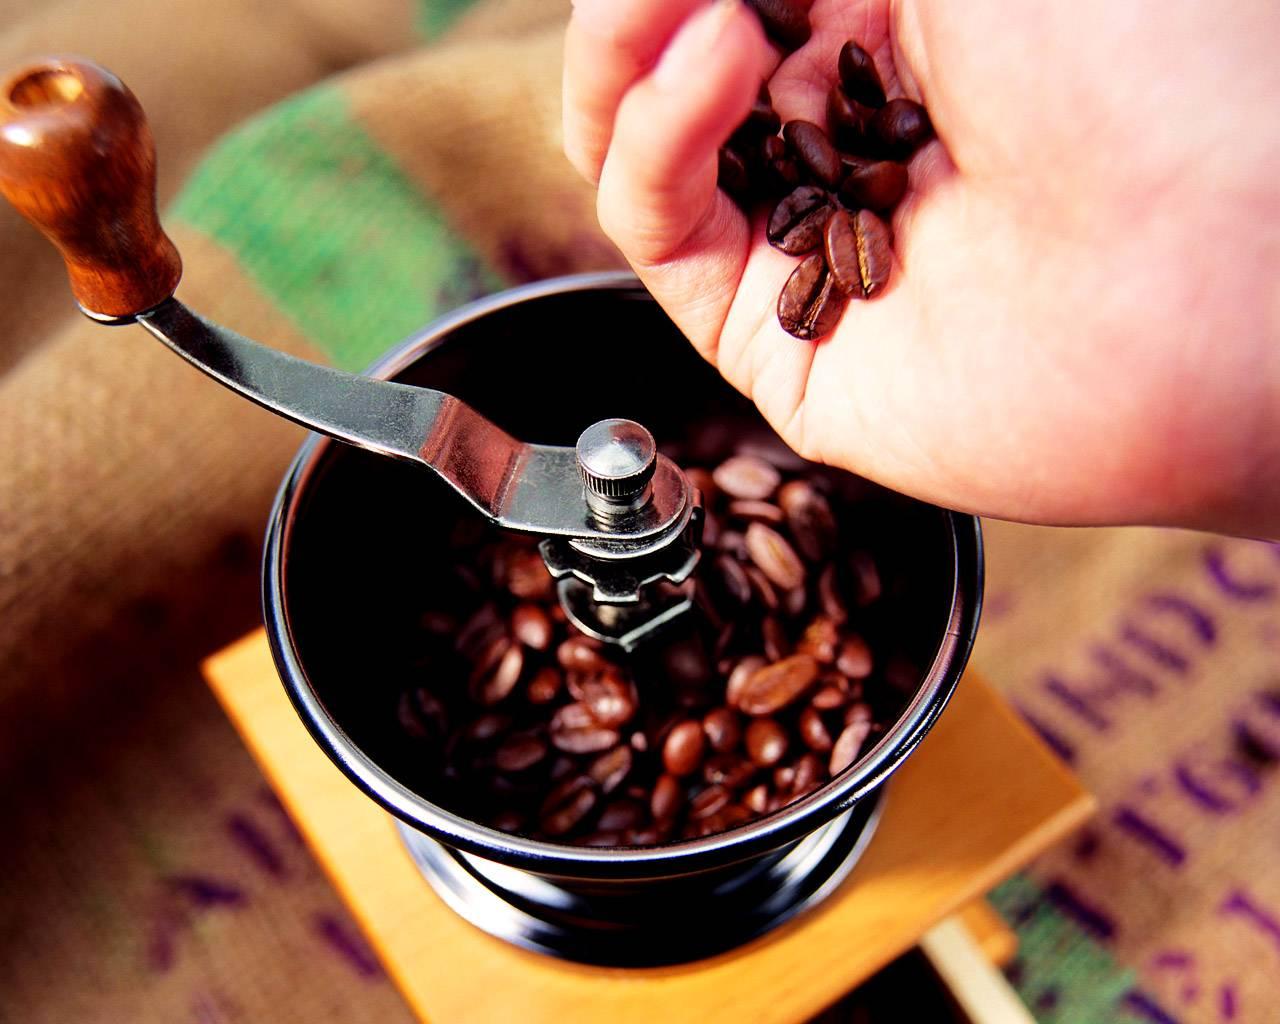 Капсулы для кофемашины: какие бывают и в чем их отличия, выбираем подходящие